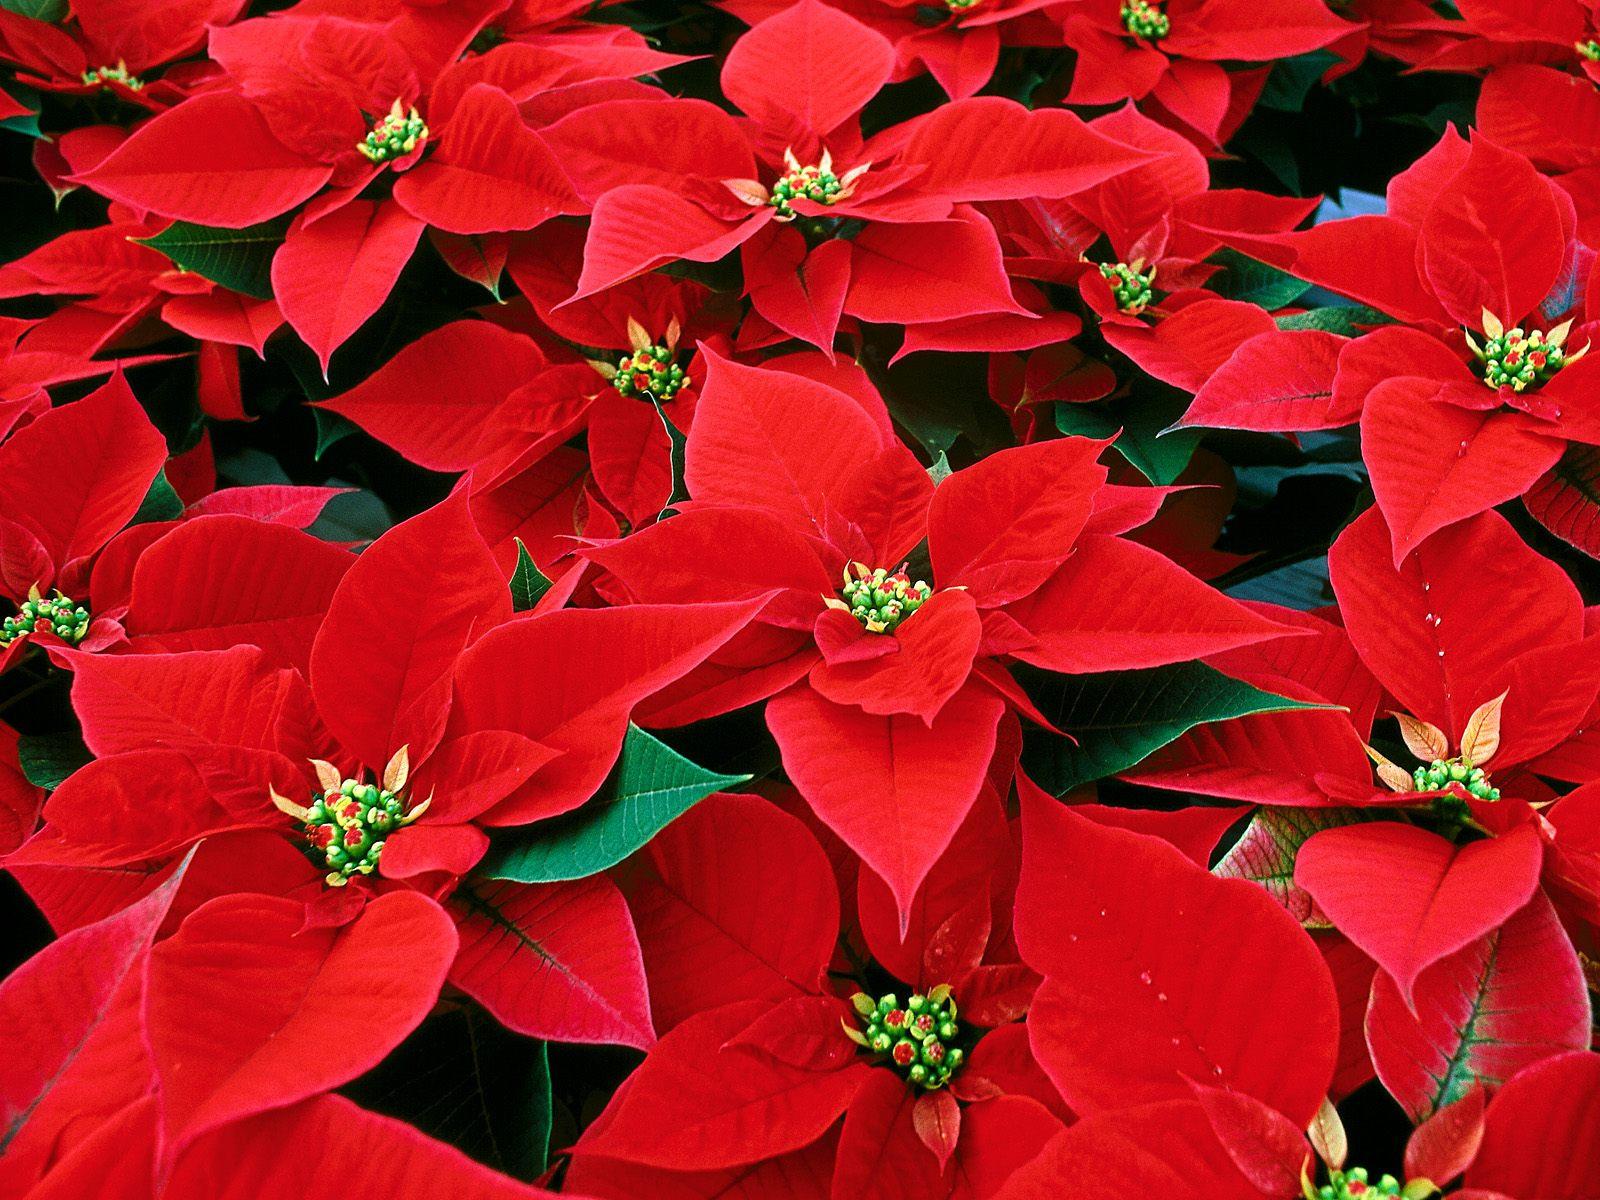 Christmas Flower Images  Poinsettia Flower Christmas Flower